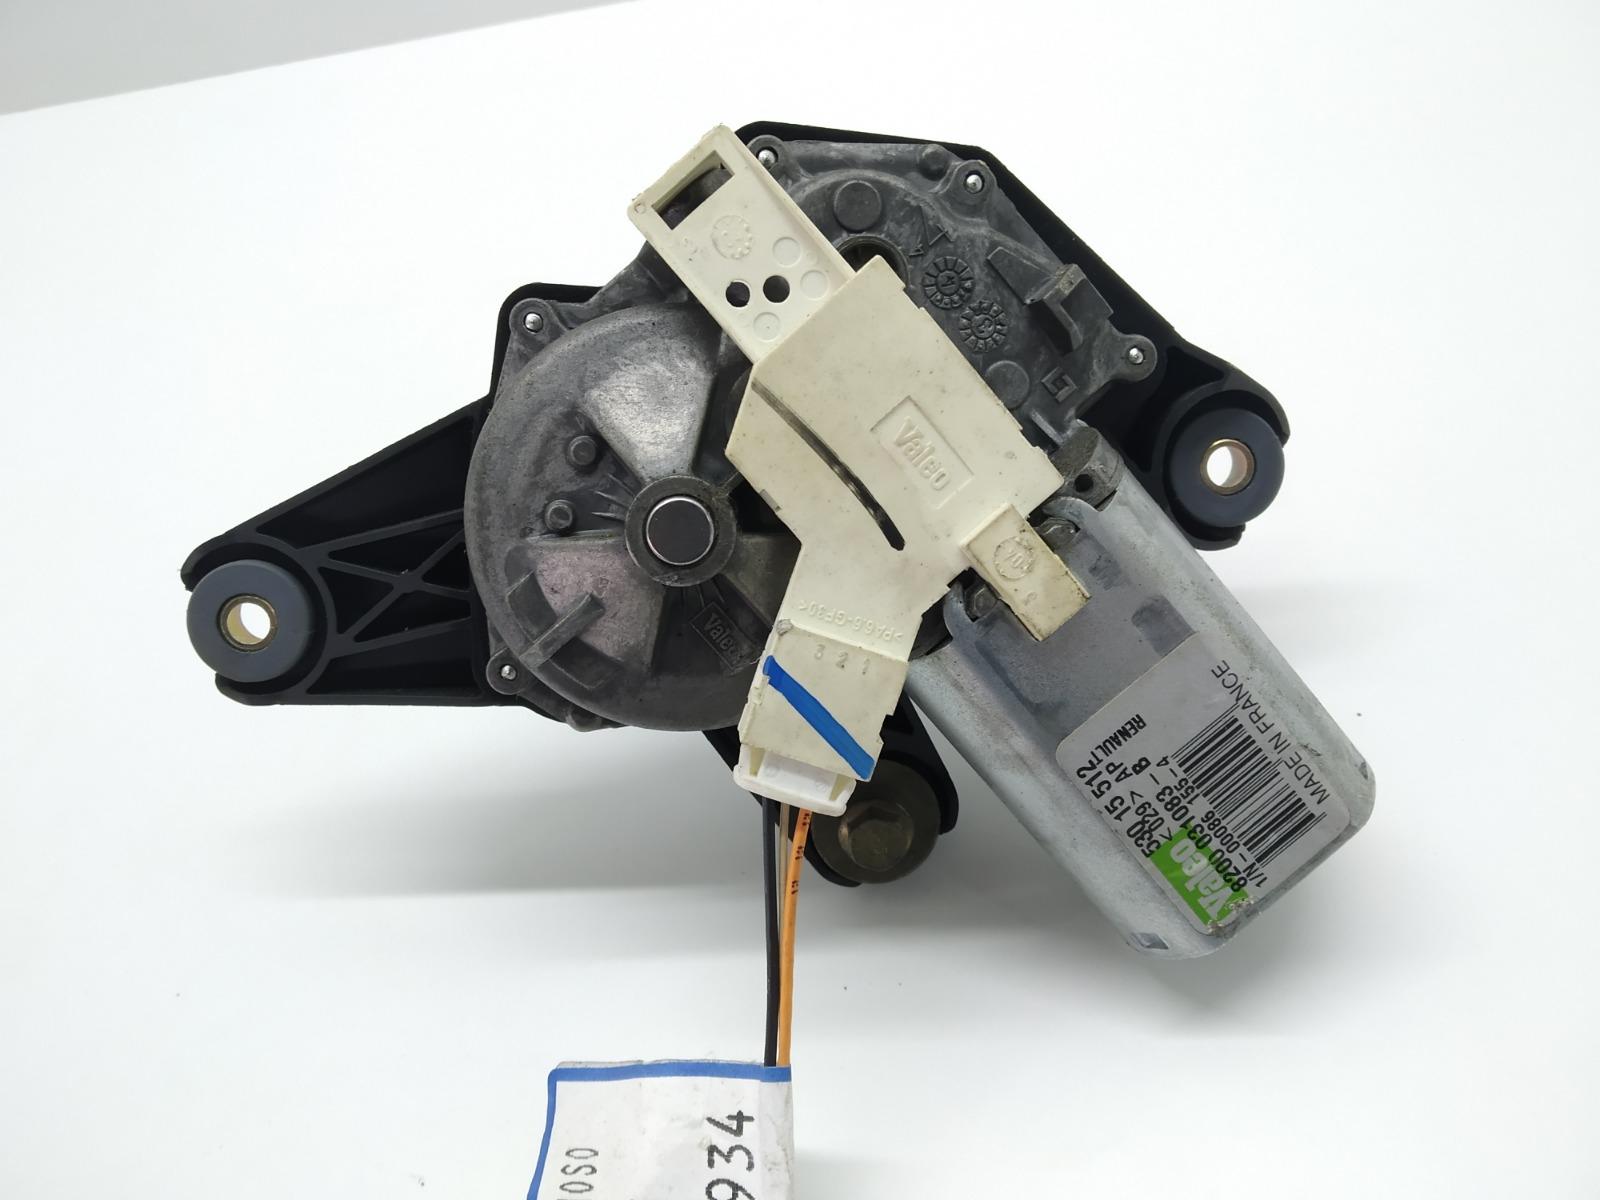 Моторчик заднего стеклоочистителя (дворника) Renault Espace 2.0 I 2004 (б/у)